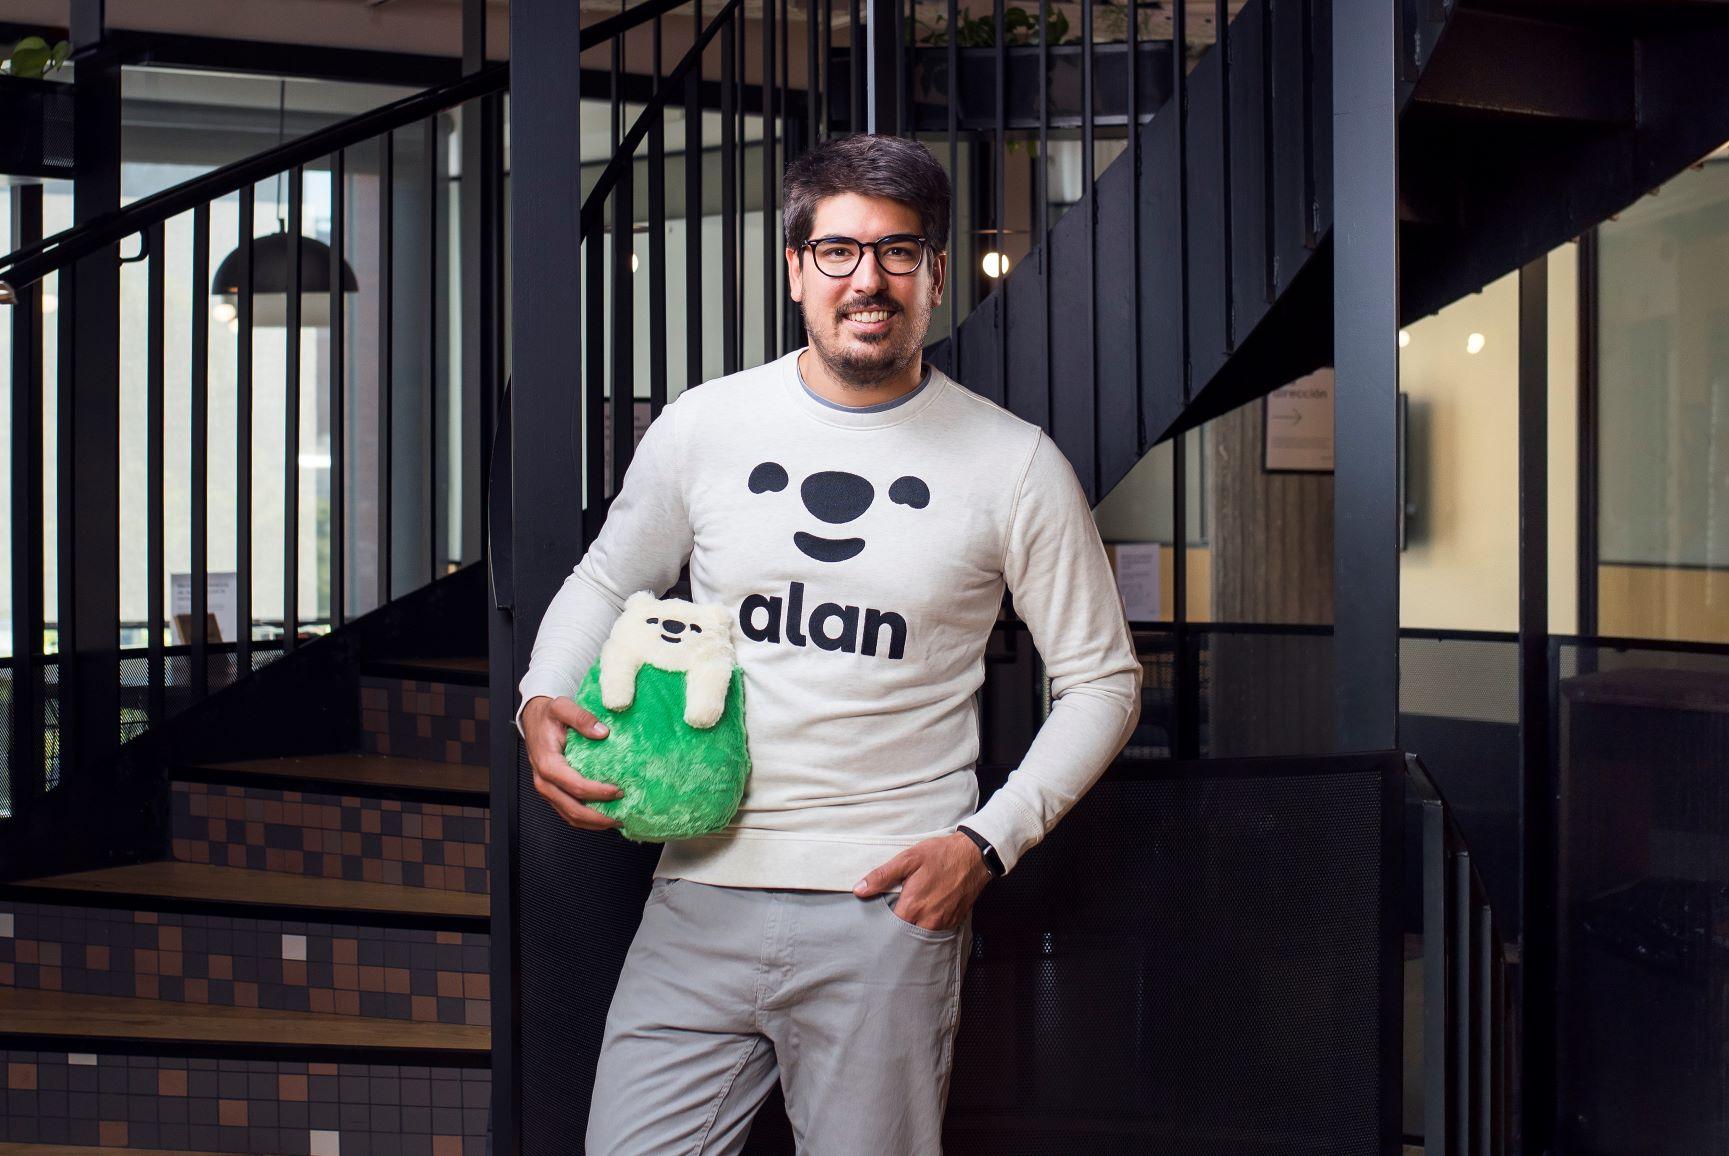 La aseguradora de salud digital Alan desembarca en España